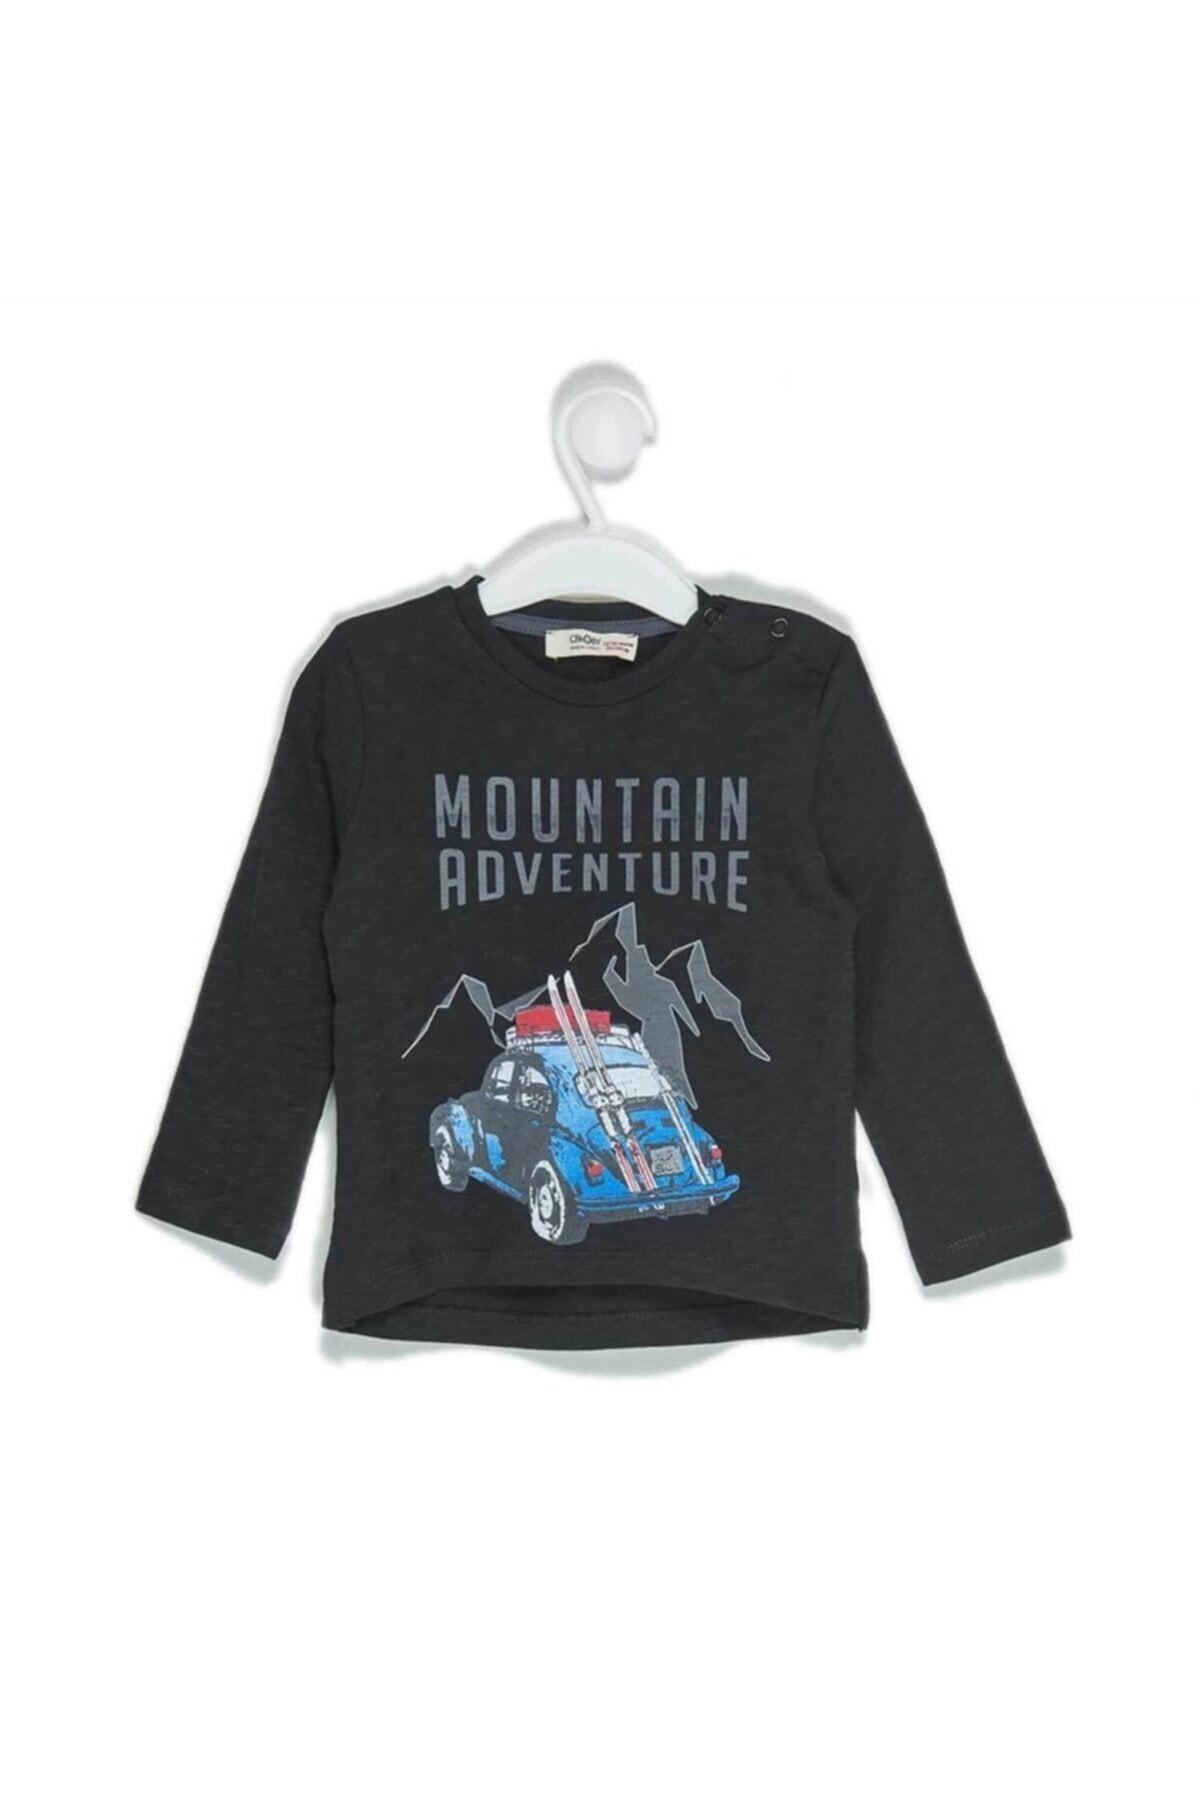 Çikoby Erkek Bebek Araba Baskılı Omuzu Patlı Sweatshirt 1